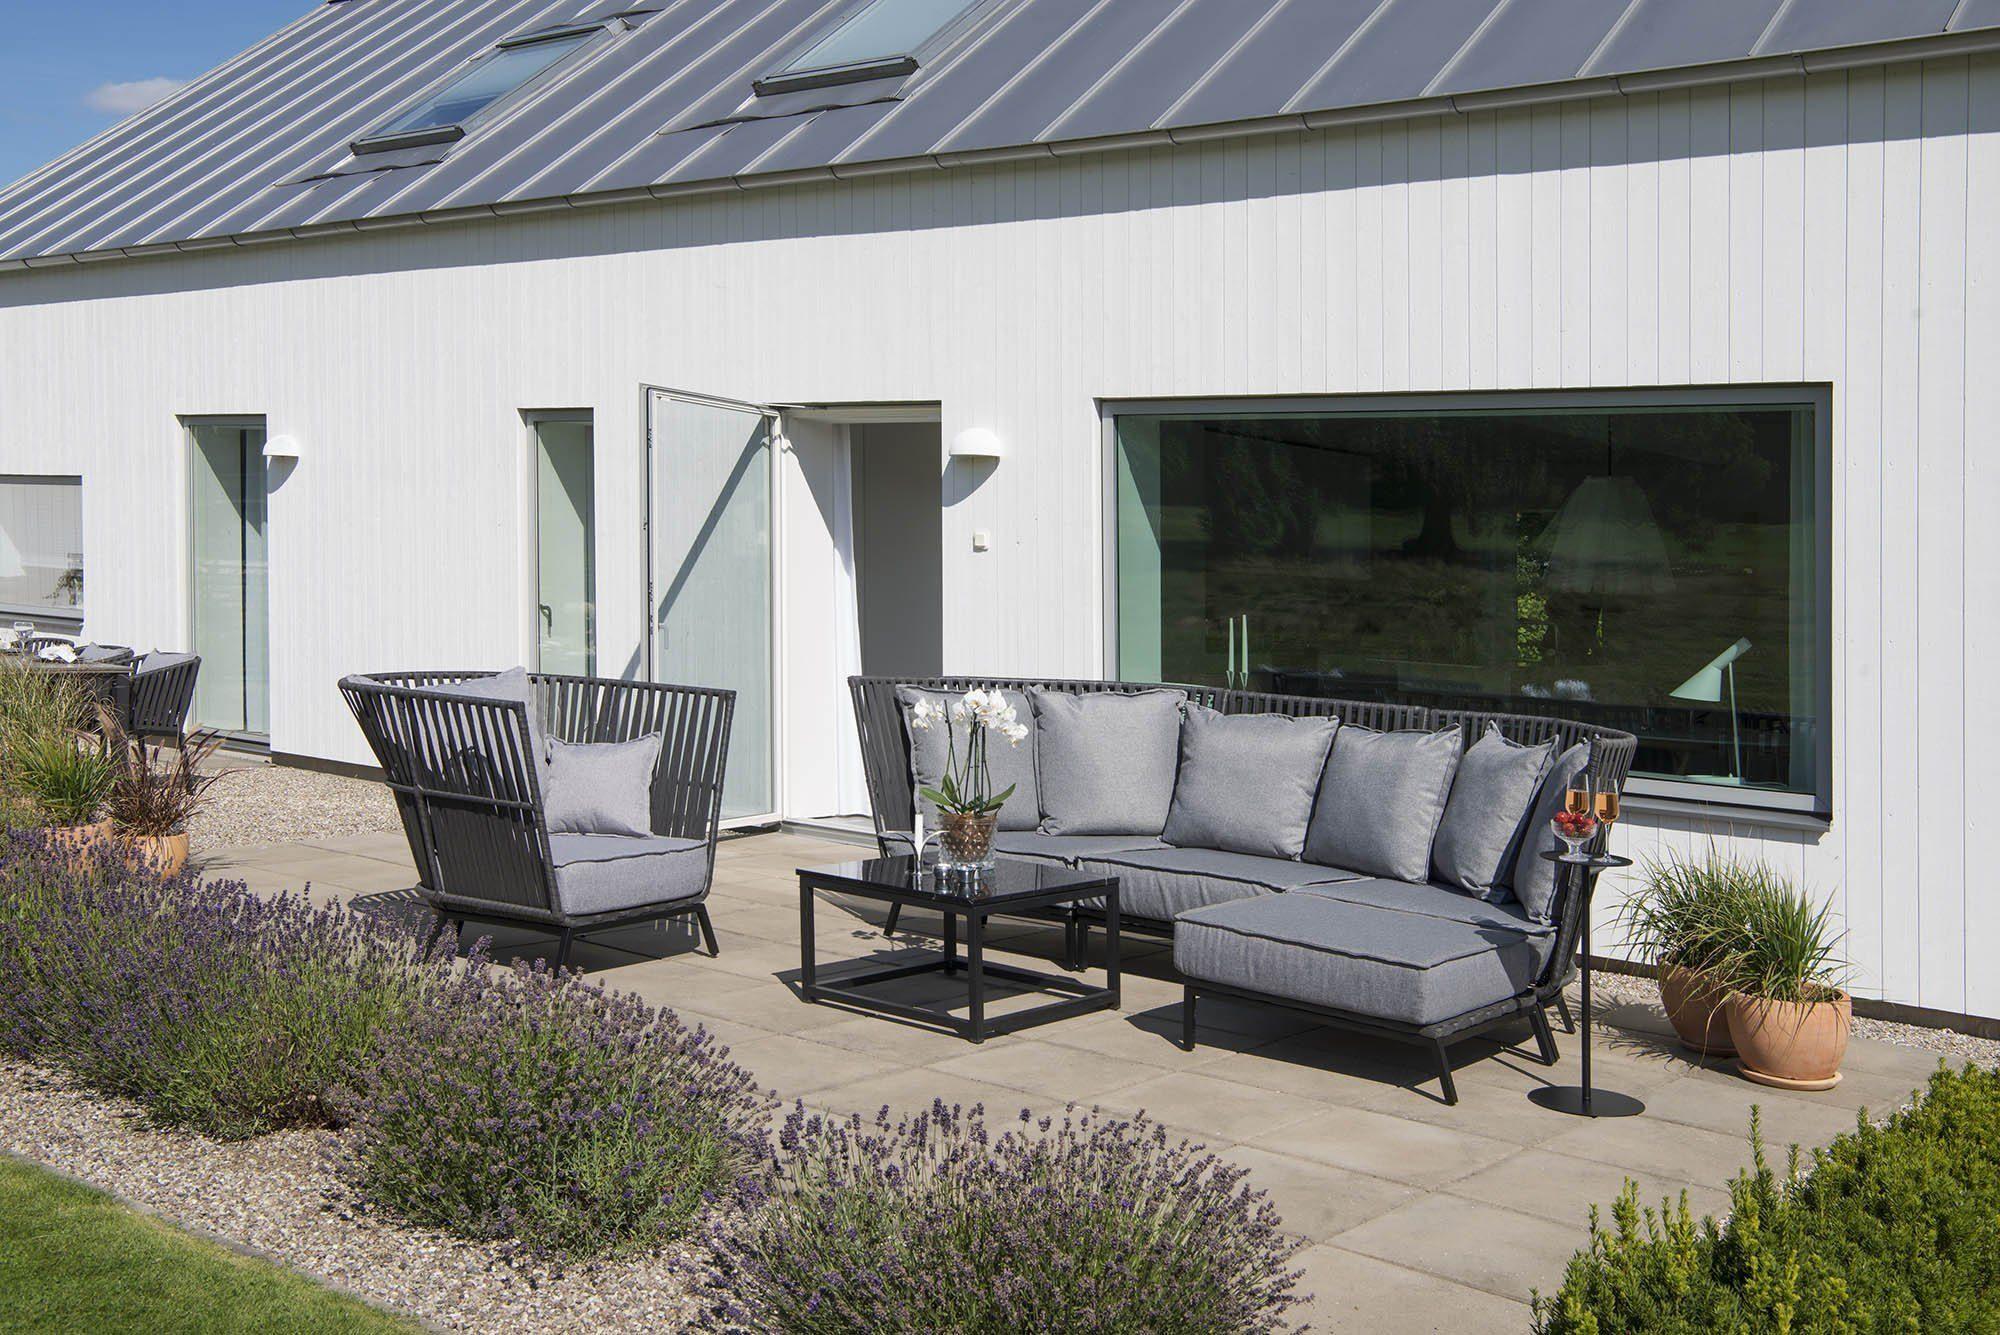 Fåtölj, soffbord och hörnsoffa i konstrotting från Hillerstorp.